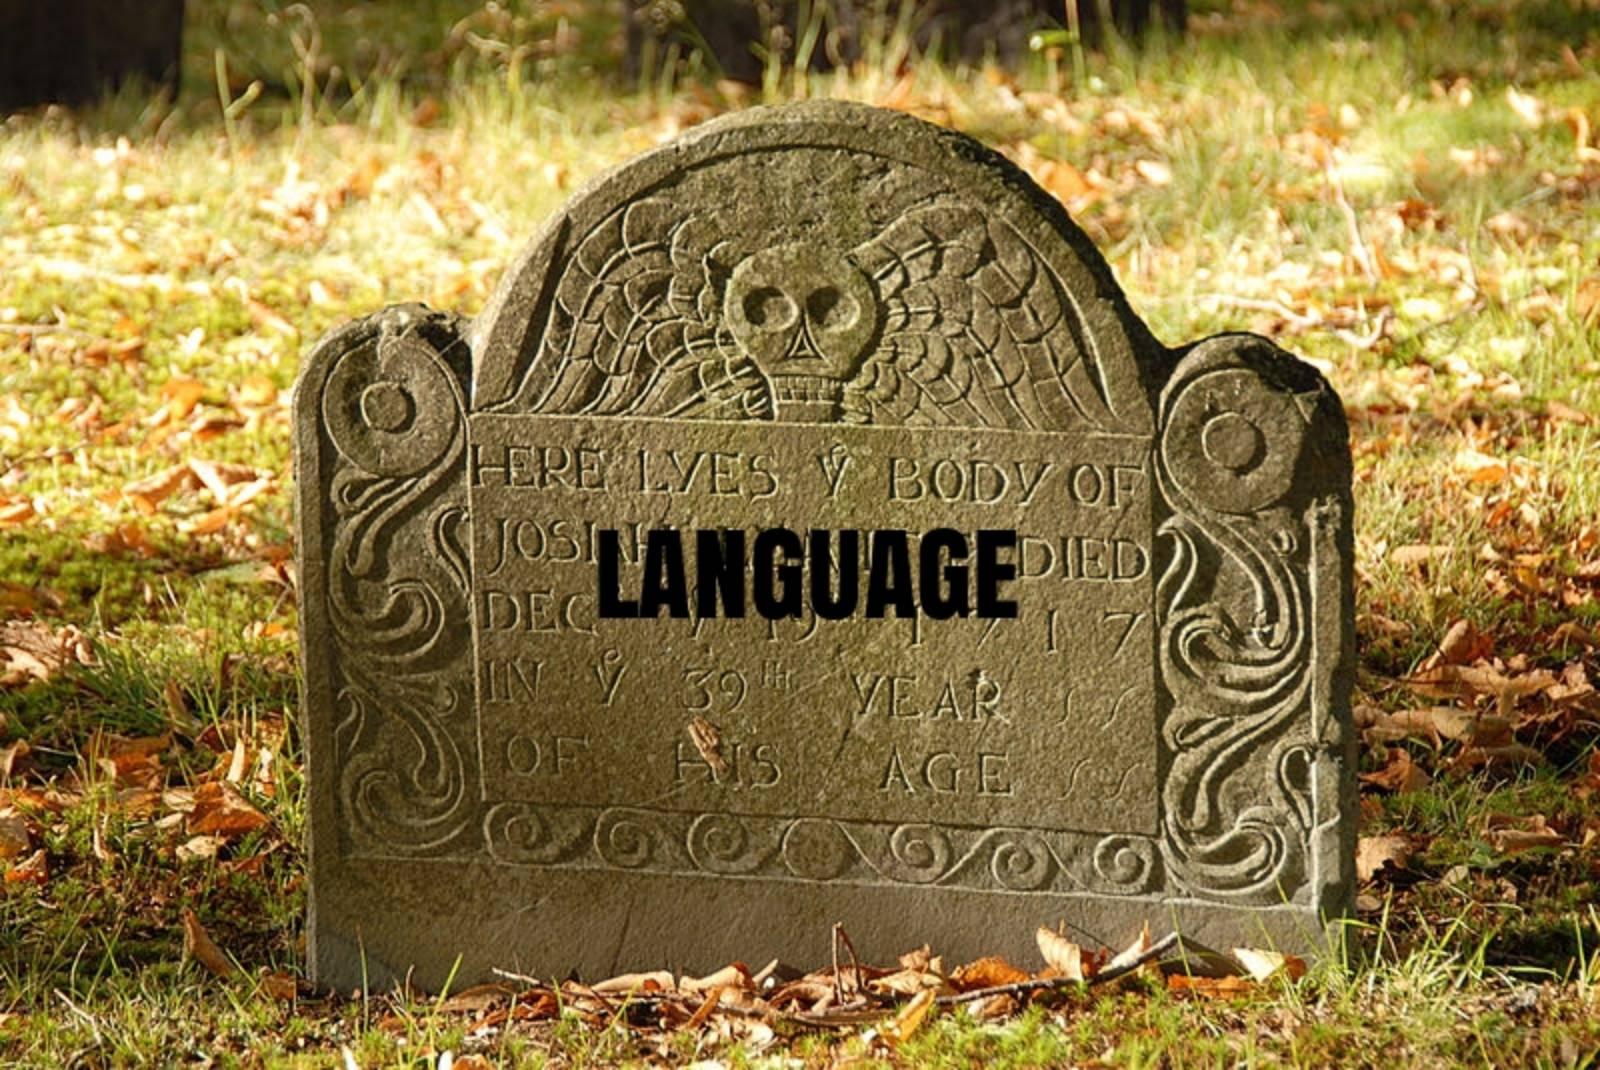 প্রকৃ্তিও যেন কাঁদছে: এ কান্না ভাষার জন্য, একটি ভাষার মৃত্যুর জন্য